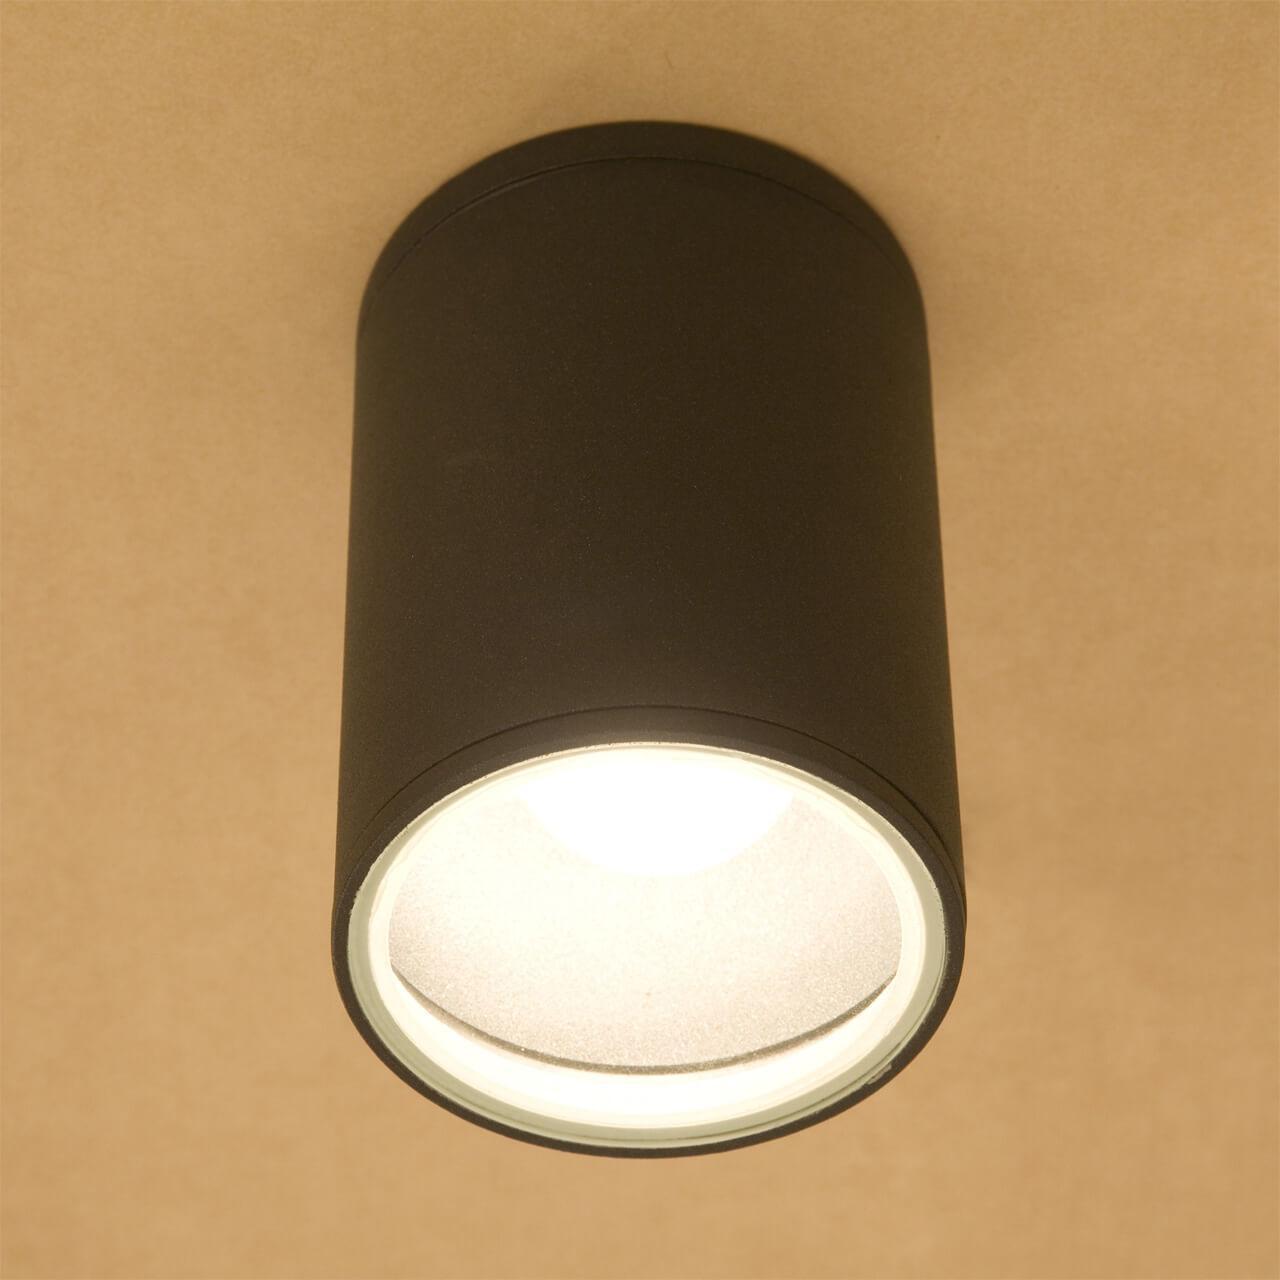 Уличный светильник Nowodvorski 3403, E27